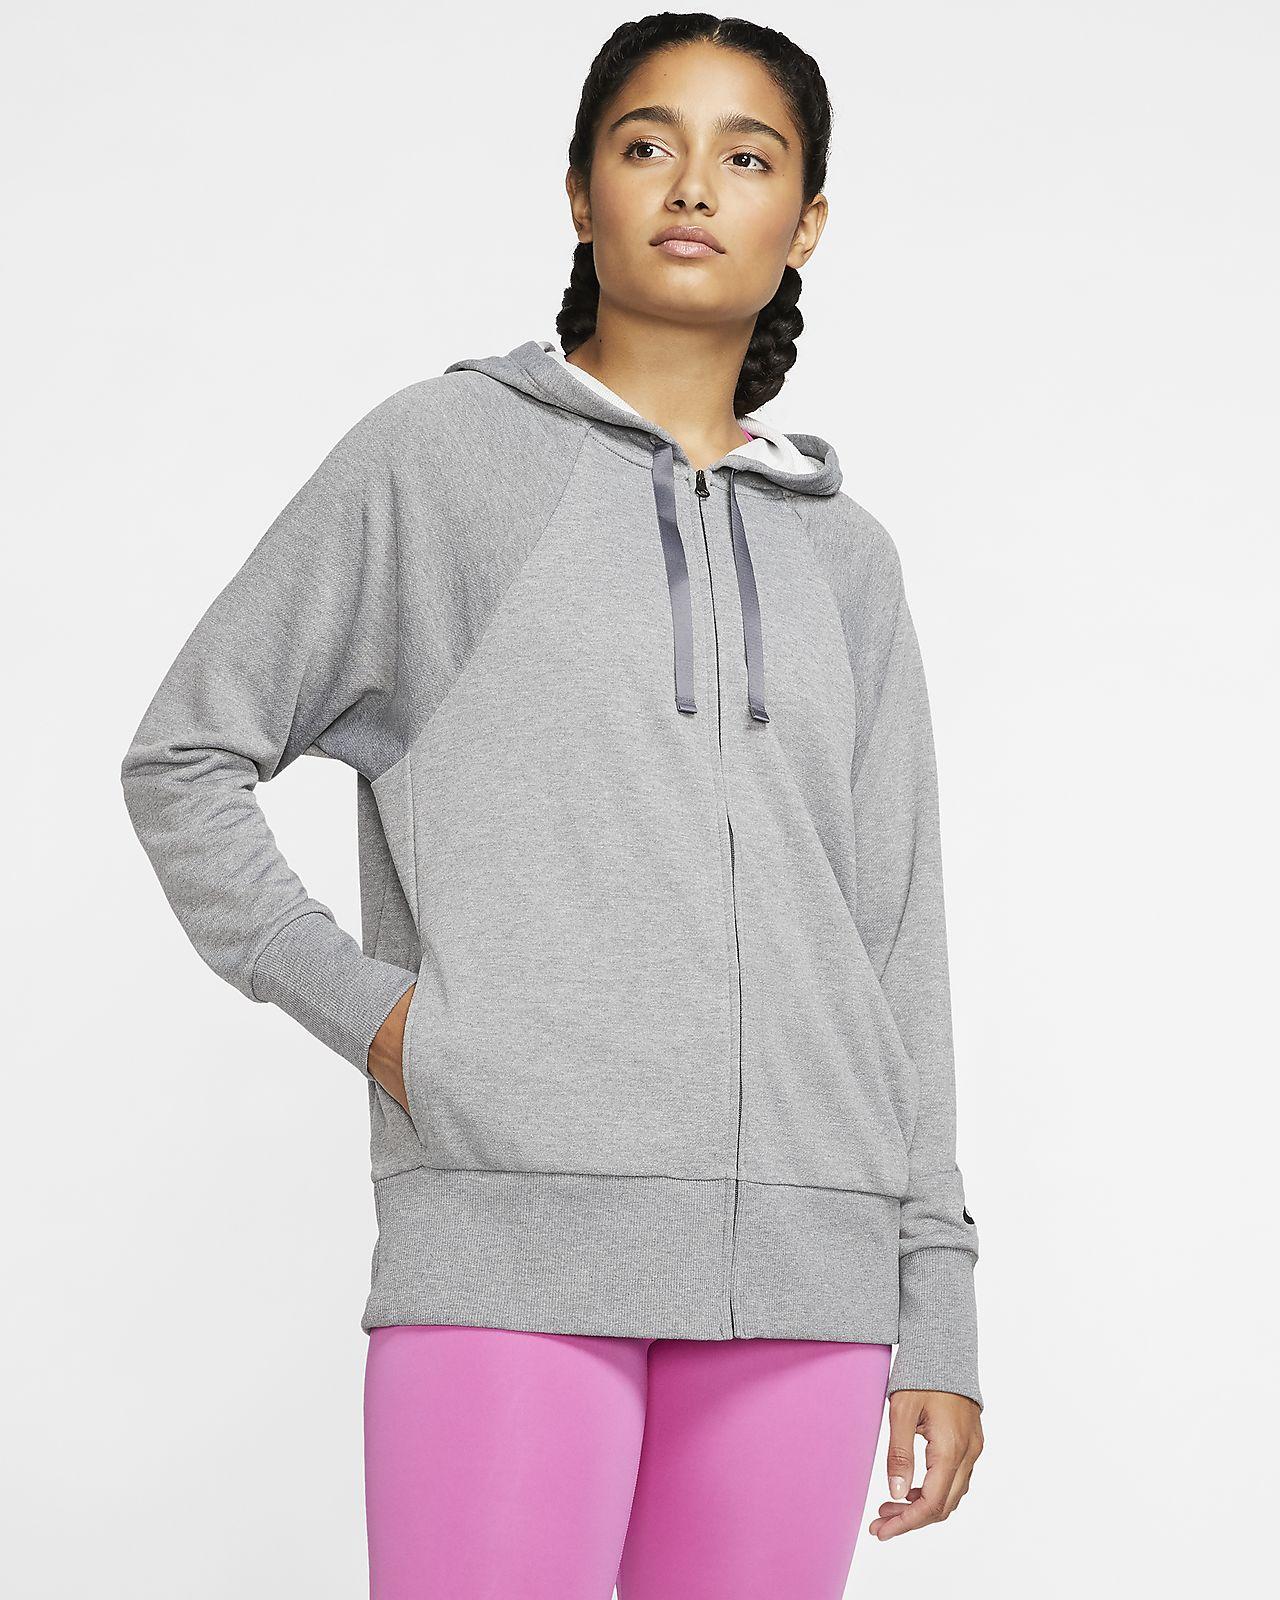 Nike Dri-FIT Get Fit-træningshættetrøje i fleece med lynlås til kvinder